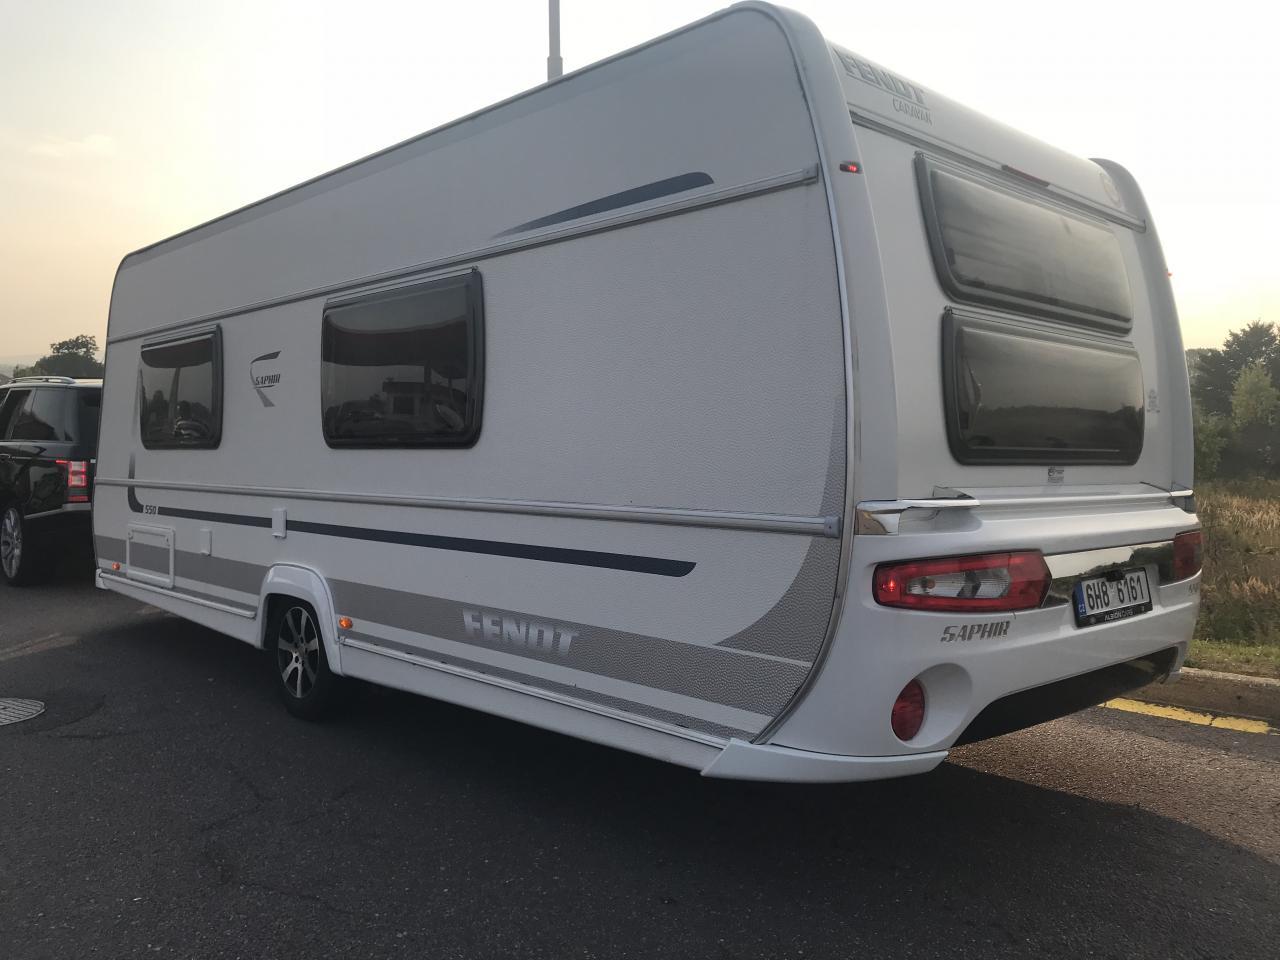 FENDT SAPHIR 550 SKM, r.v. 2012